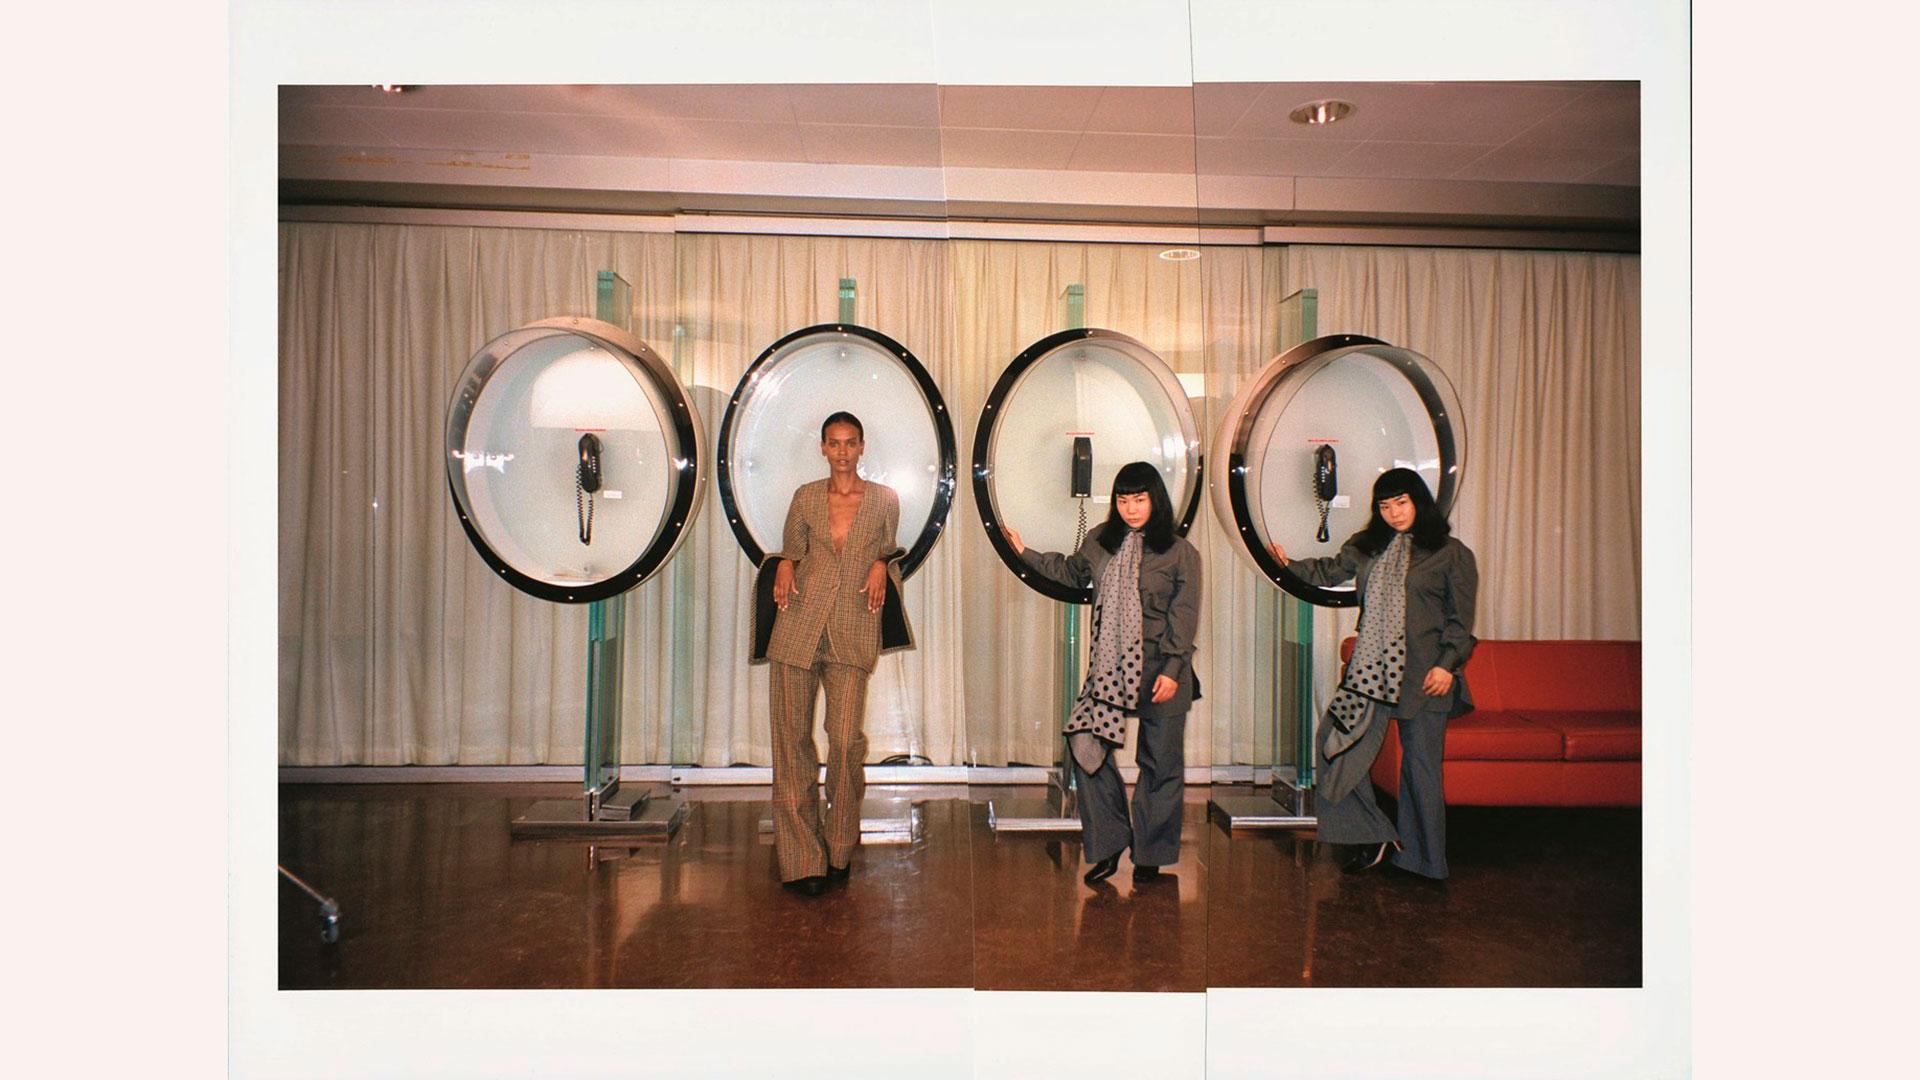 Loewe edita Publication 20 con las fotografías de la artista Fumiko Imano